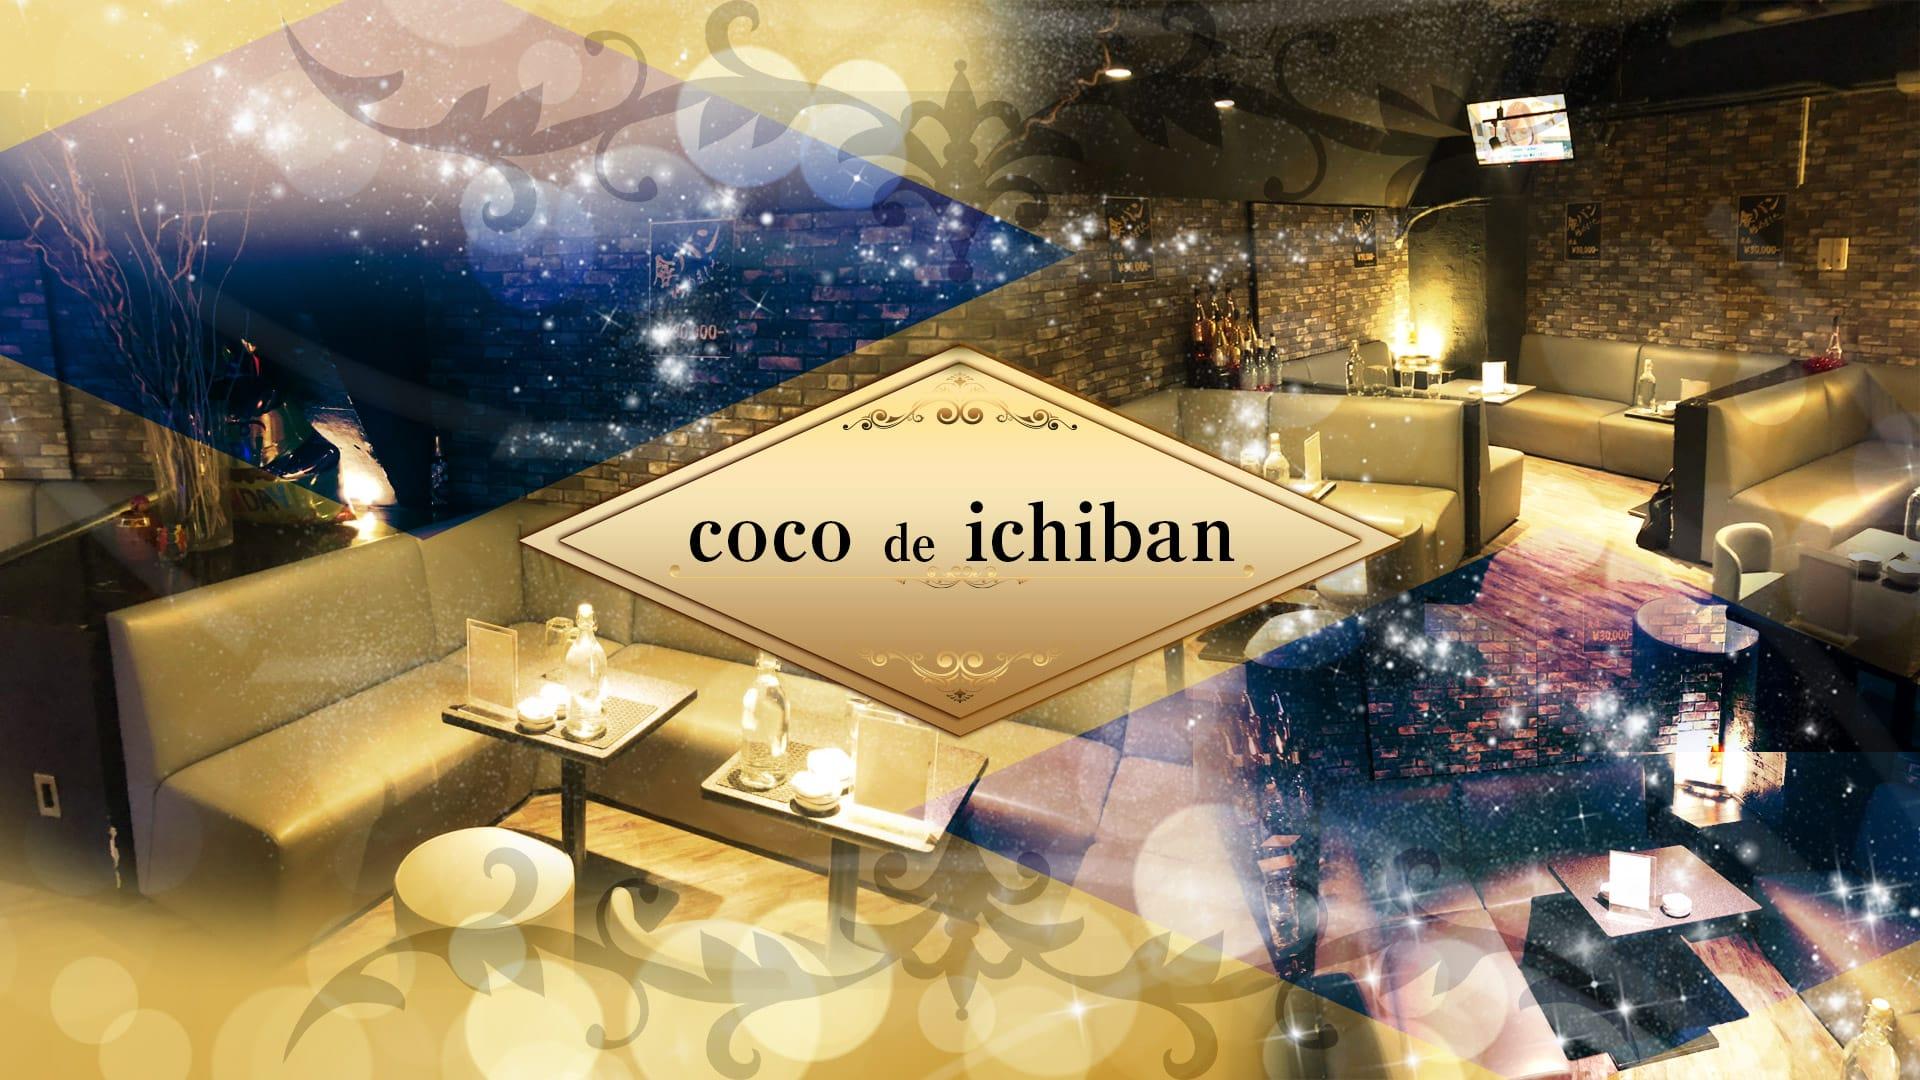 【西新宿】coco de ichiban (ココデイチバン) 新宿キャバクラ TOP画像